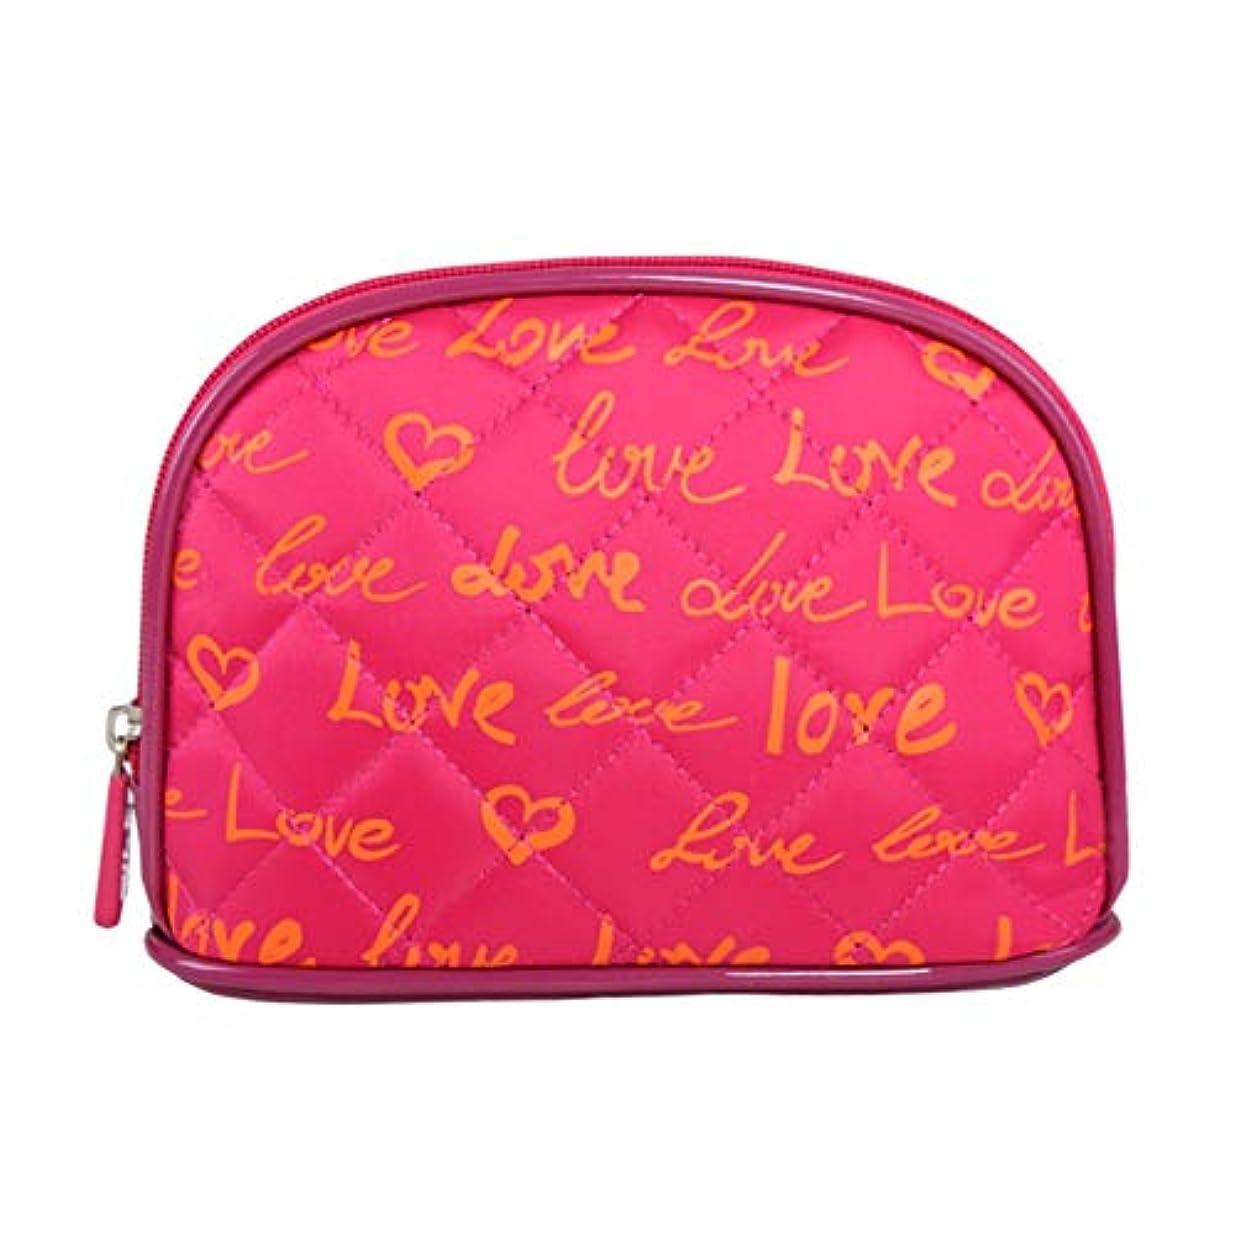 命令的ストライクかもしれない化粧オーガナイザーバッグ ポータブル防水化粧品袋印刷トップジッパーメークアップの場合旅行 化粧品ケース (色 : 赤)